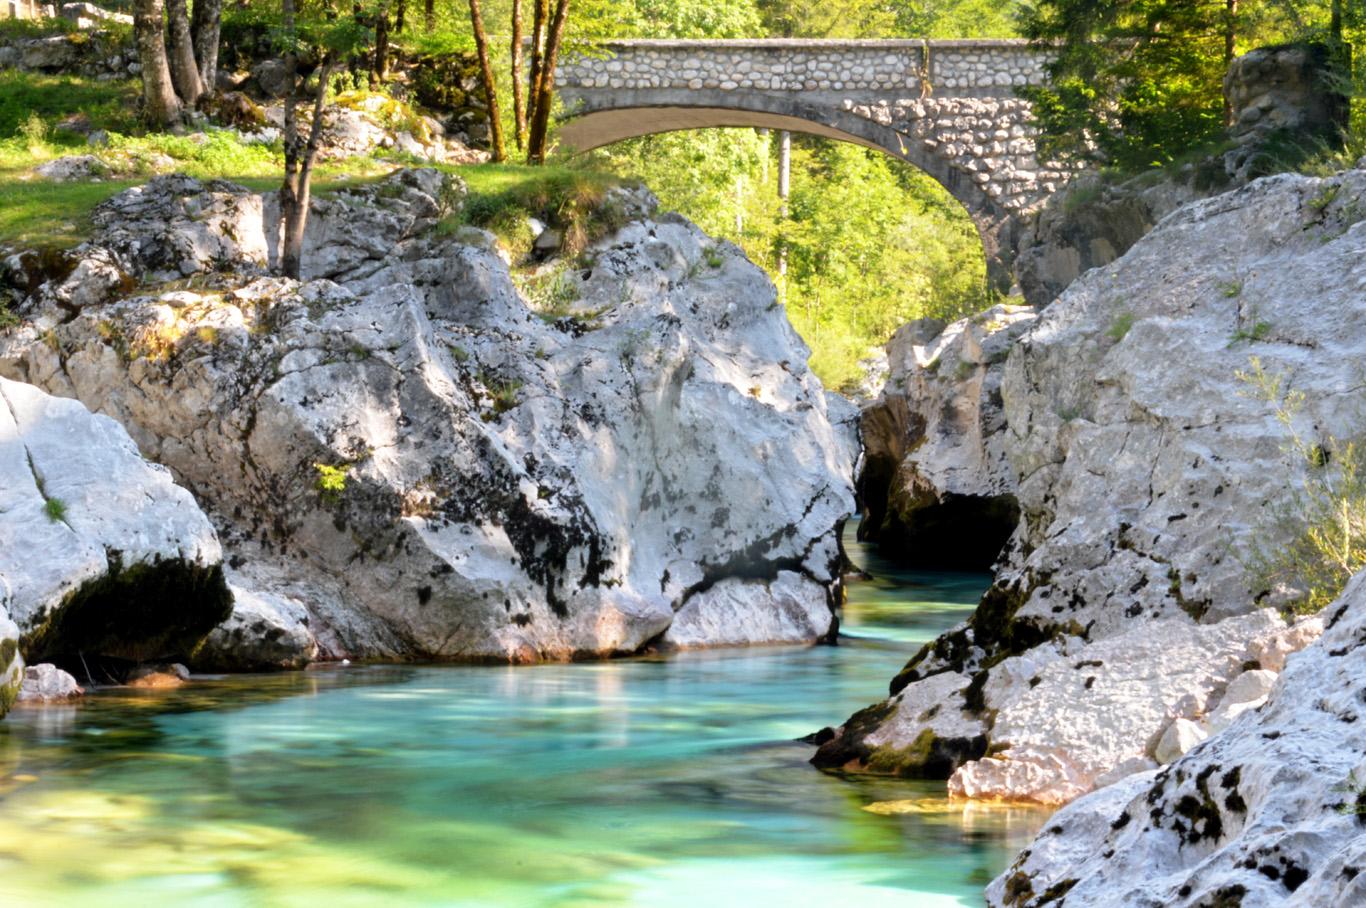 Stone Bridge over Soca River